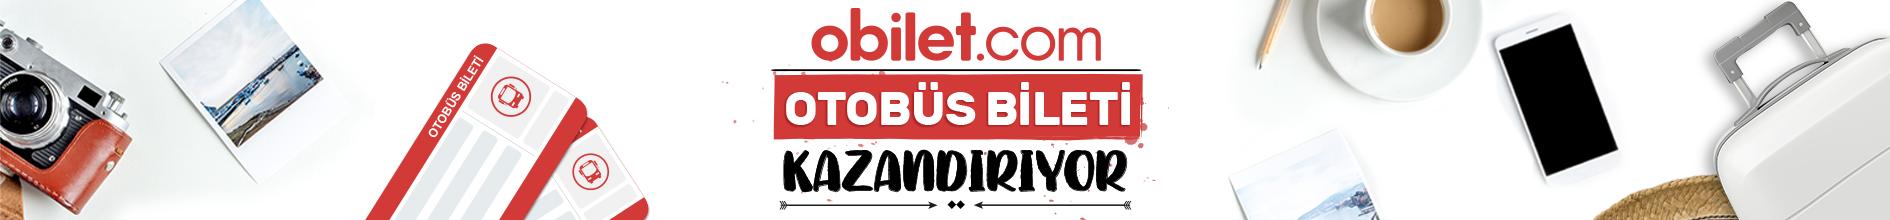 Arkadaşını Etiketle Otobüs Bileti Kazan